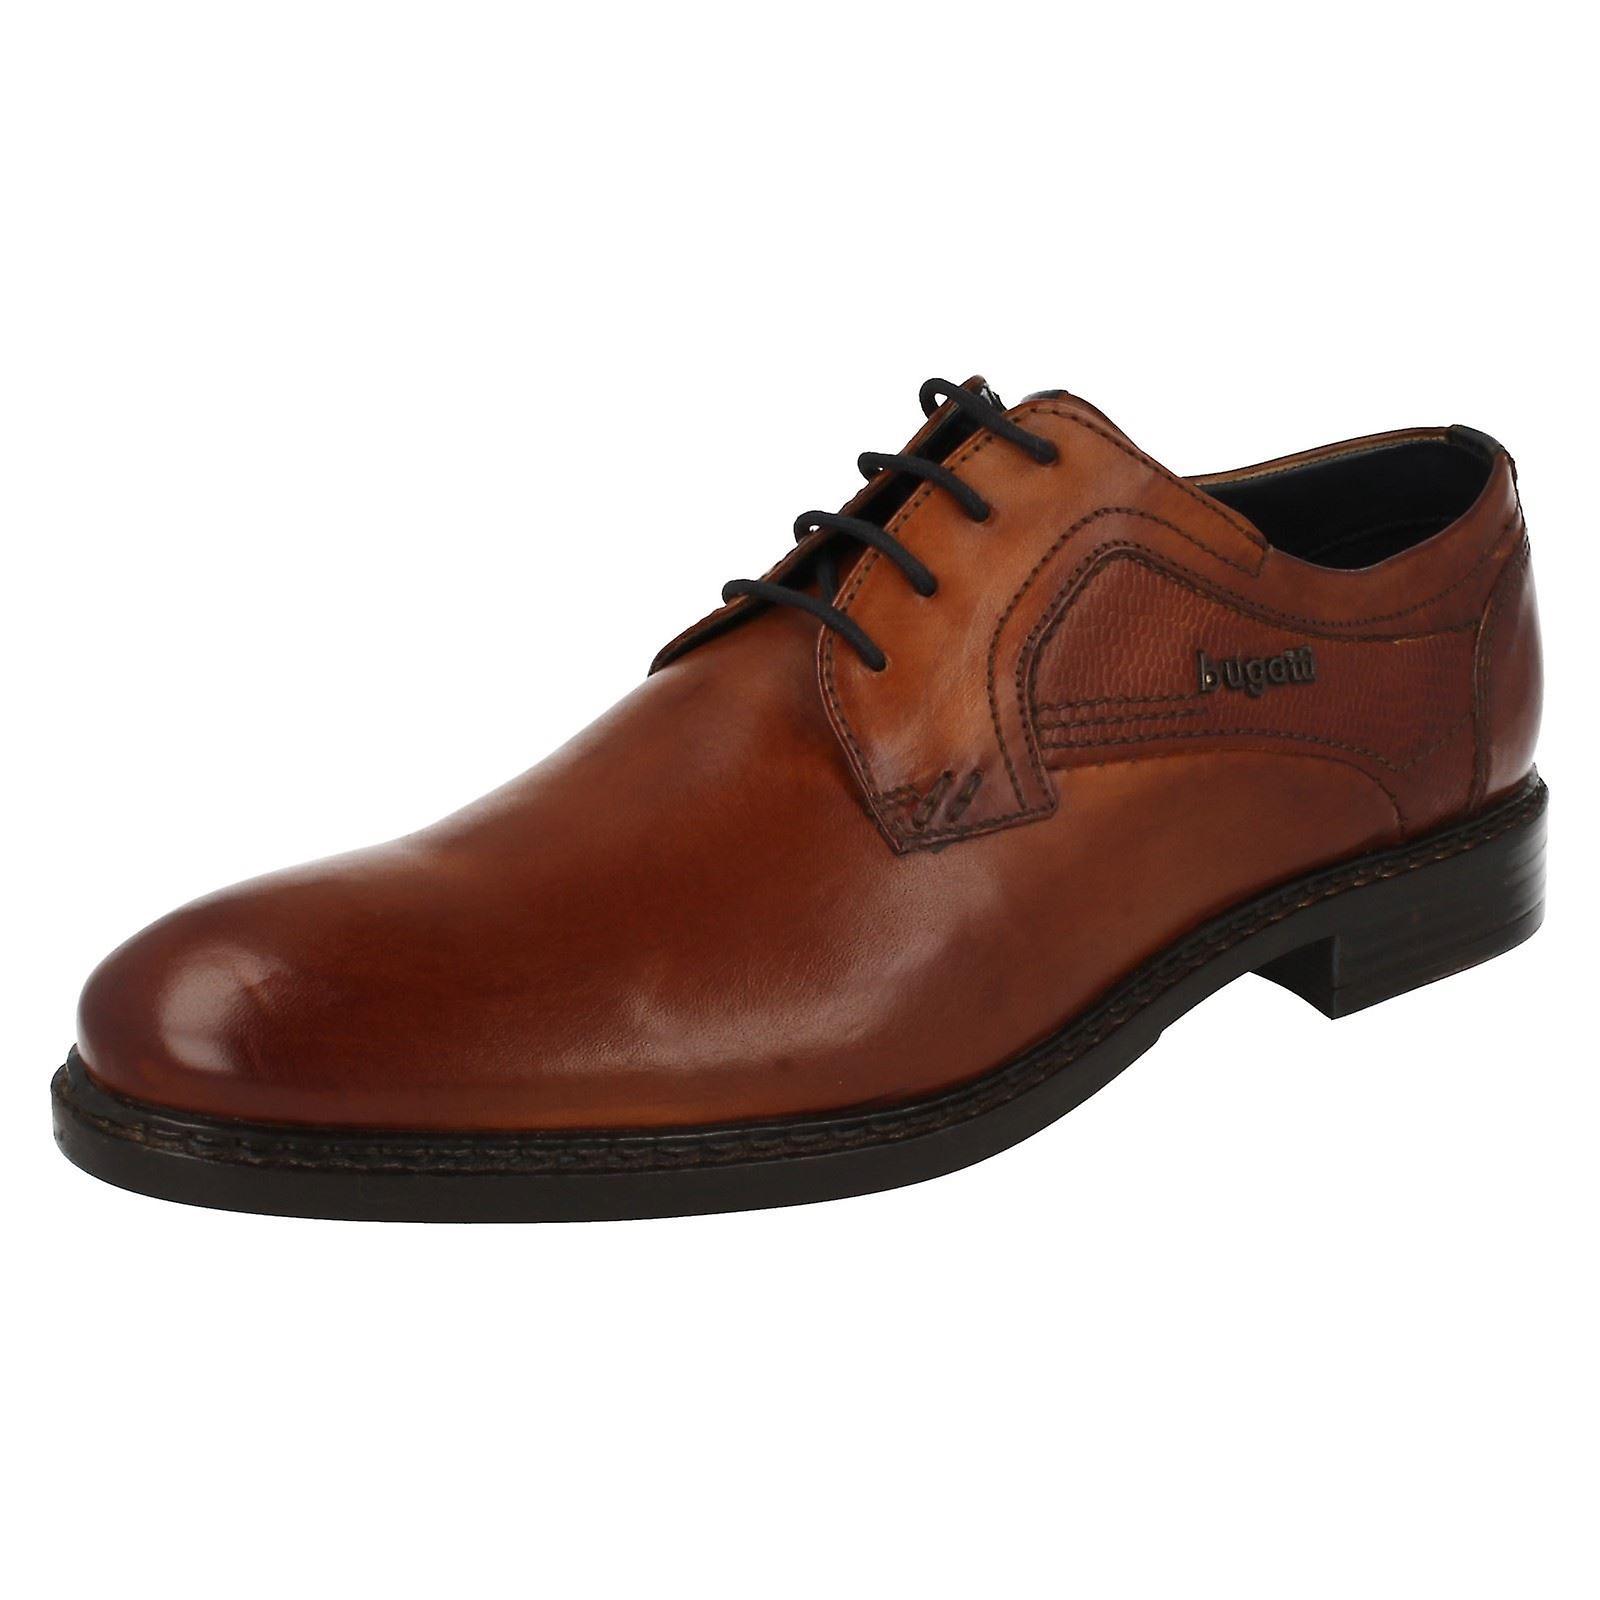 Herren Bugatti formale Schuhe Bene